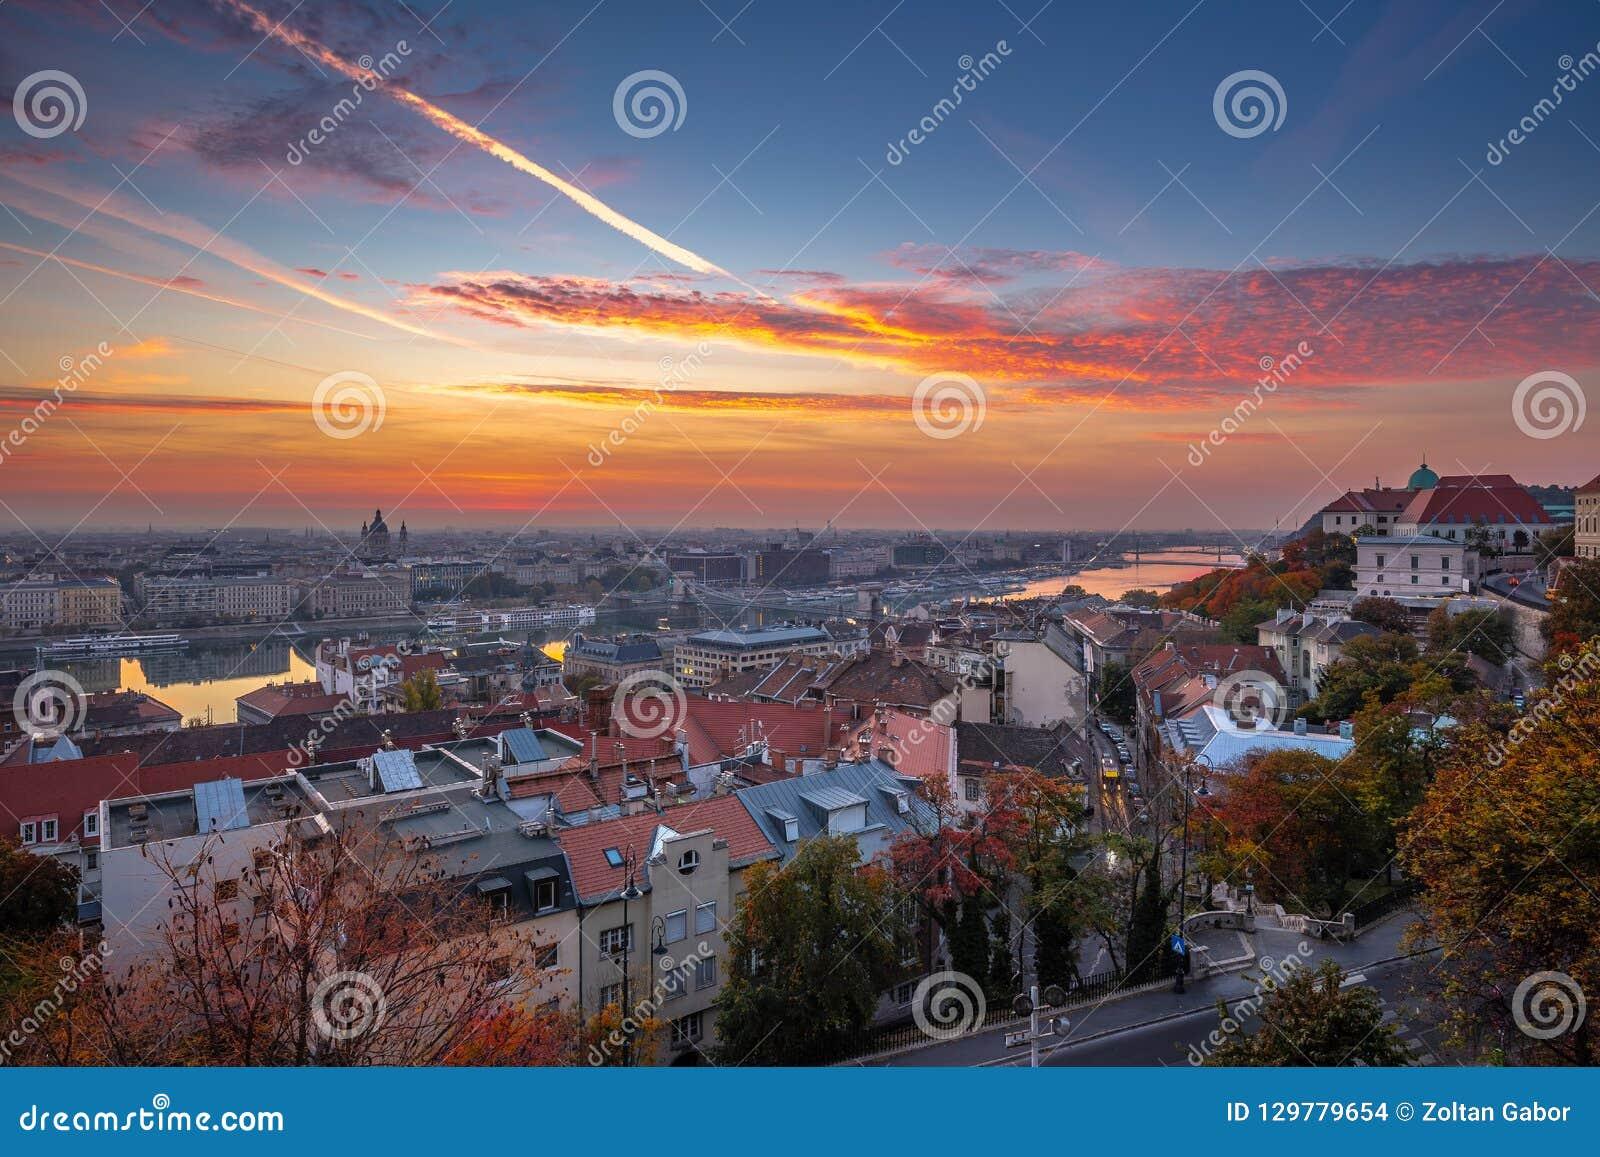 Boedapest, Hongarije - Luchthorizonmening van Boedapest bij zonsopgang met mooie kleurrijke hemel